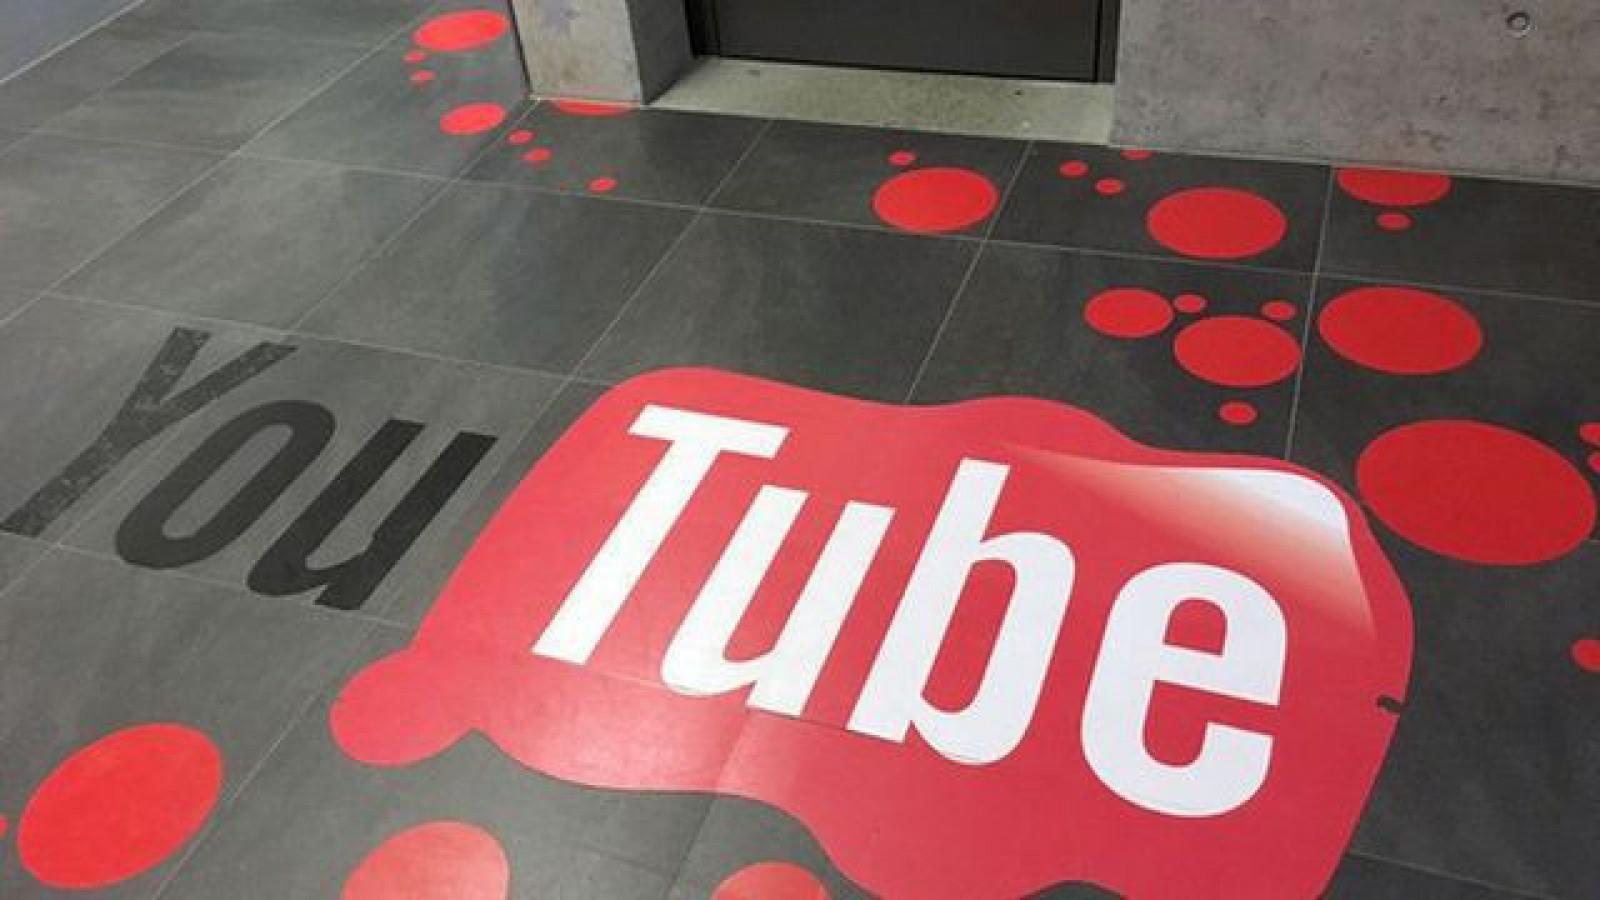 YouTube pune la dispoziţia autorilor de conţinut o nouă funcţie pentru detectarea şi înlăturarea clipurilor repostate de alţi utilizatori